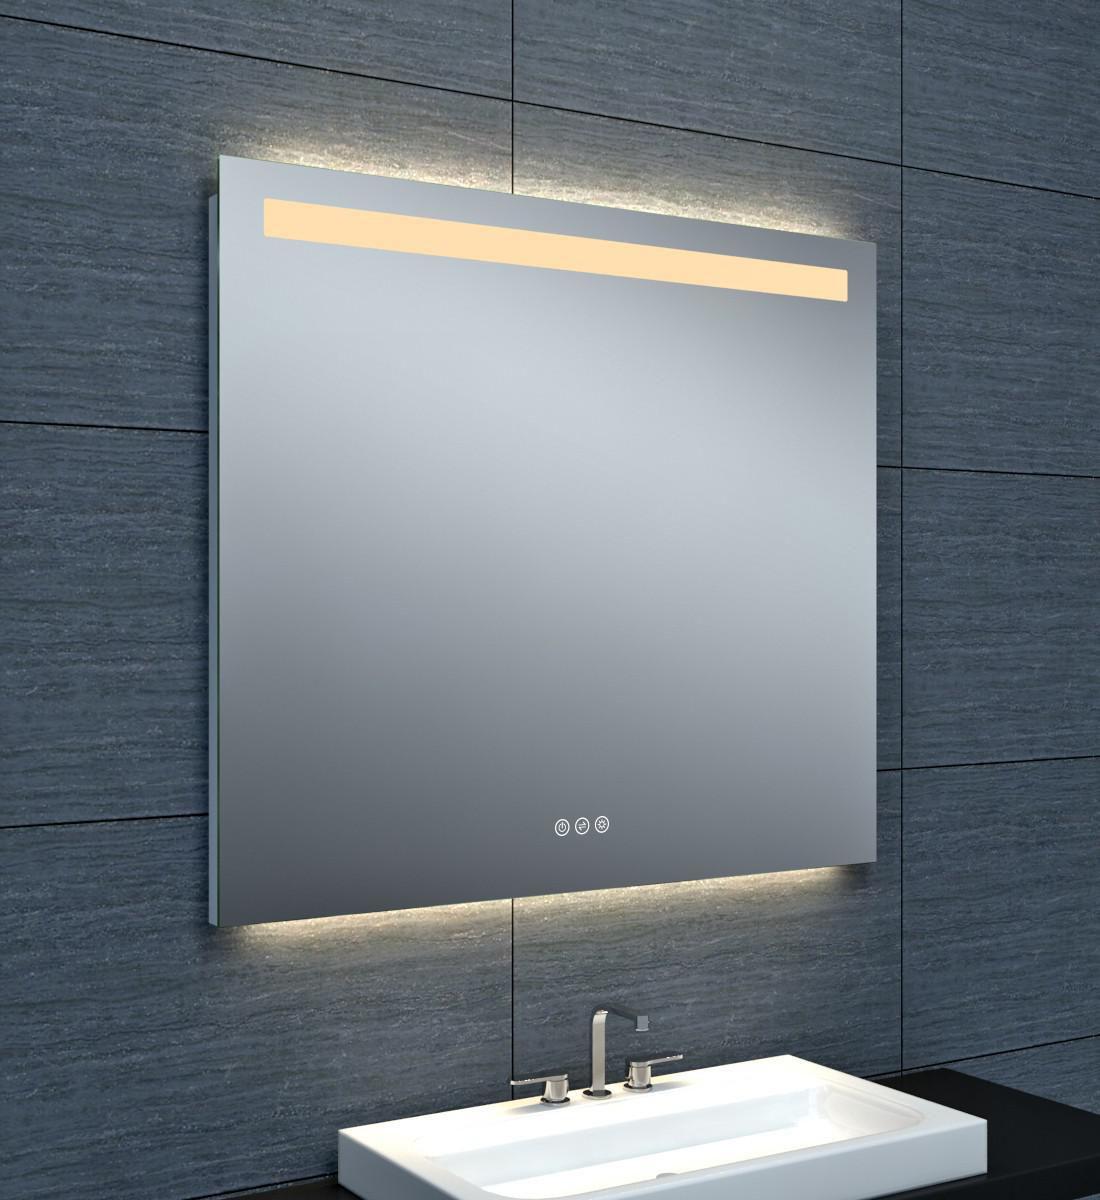 Alterna miroir tokyo clairage led avec variateur 90 x hauteur 80 cm cedeo for Miroir 50 x 90